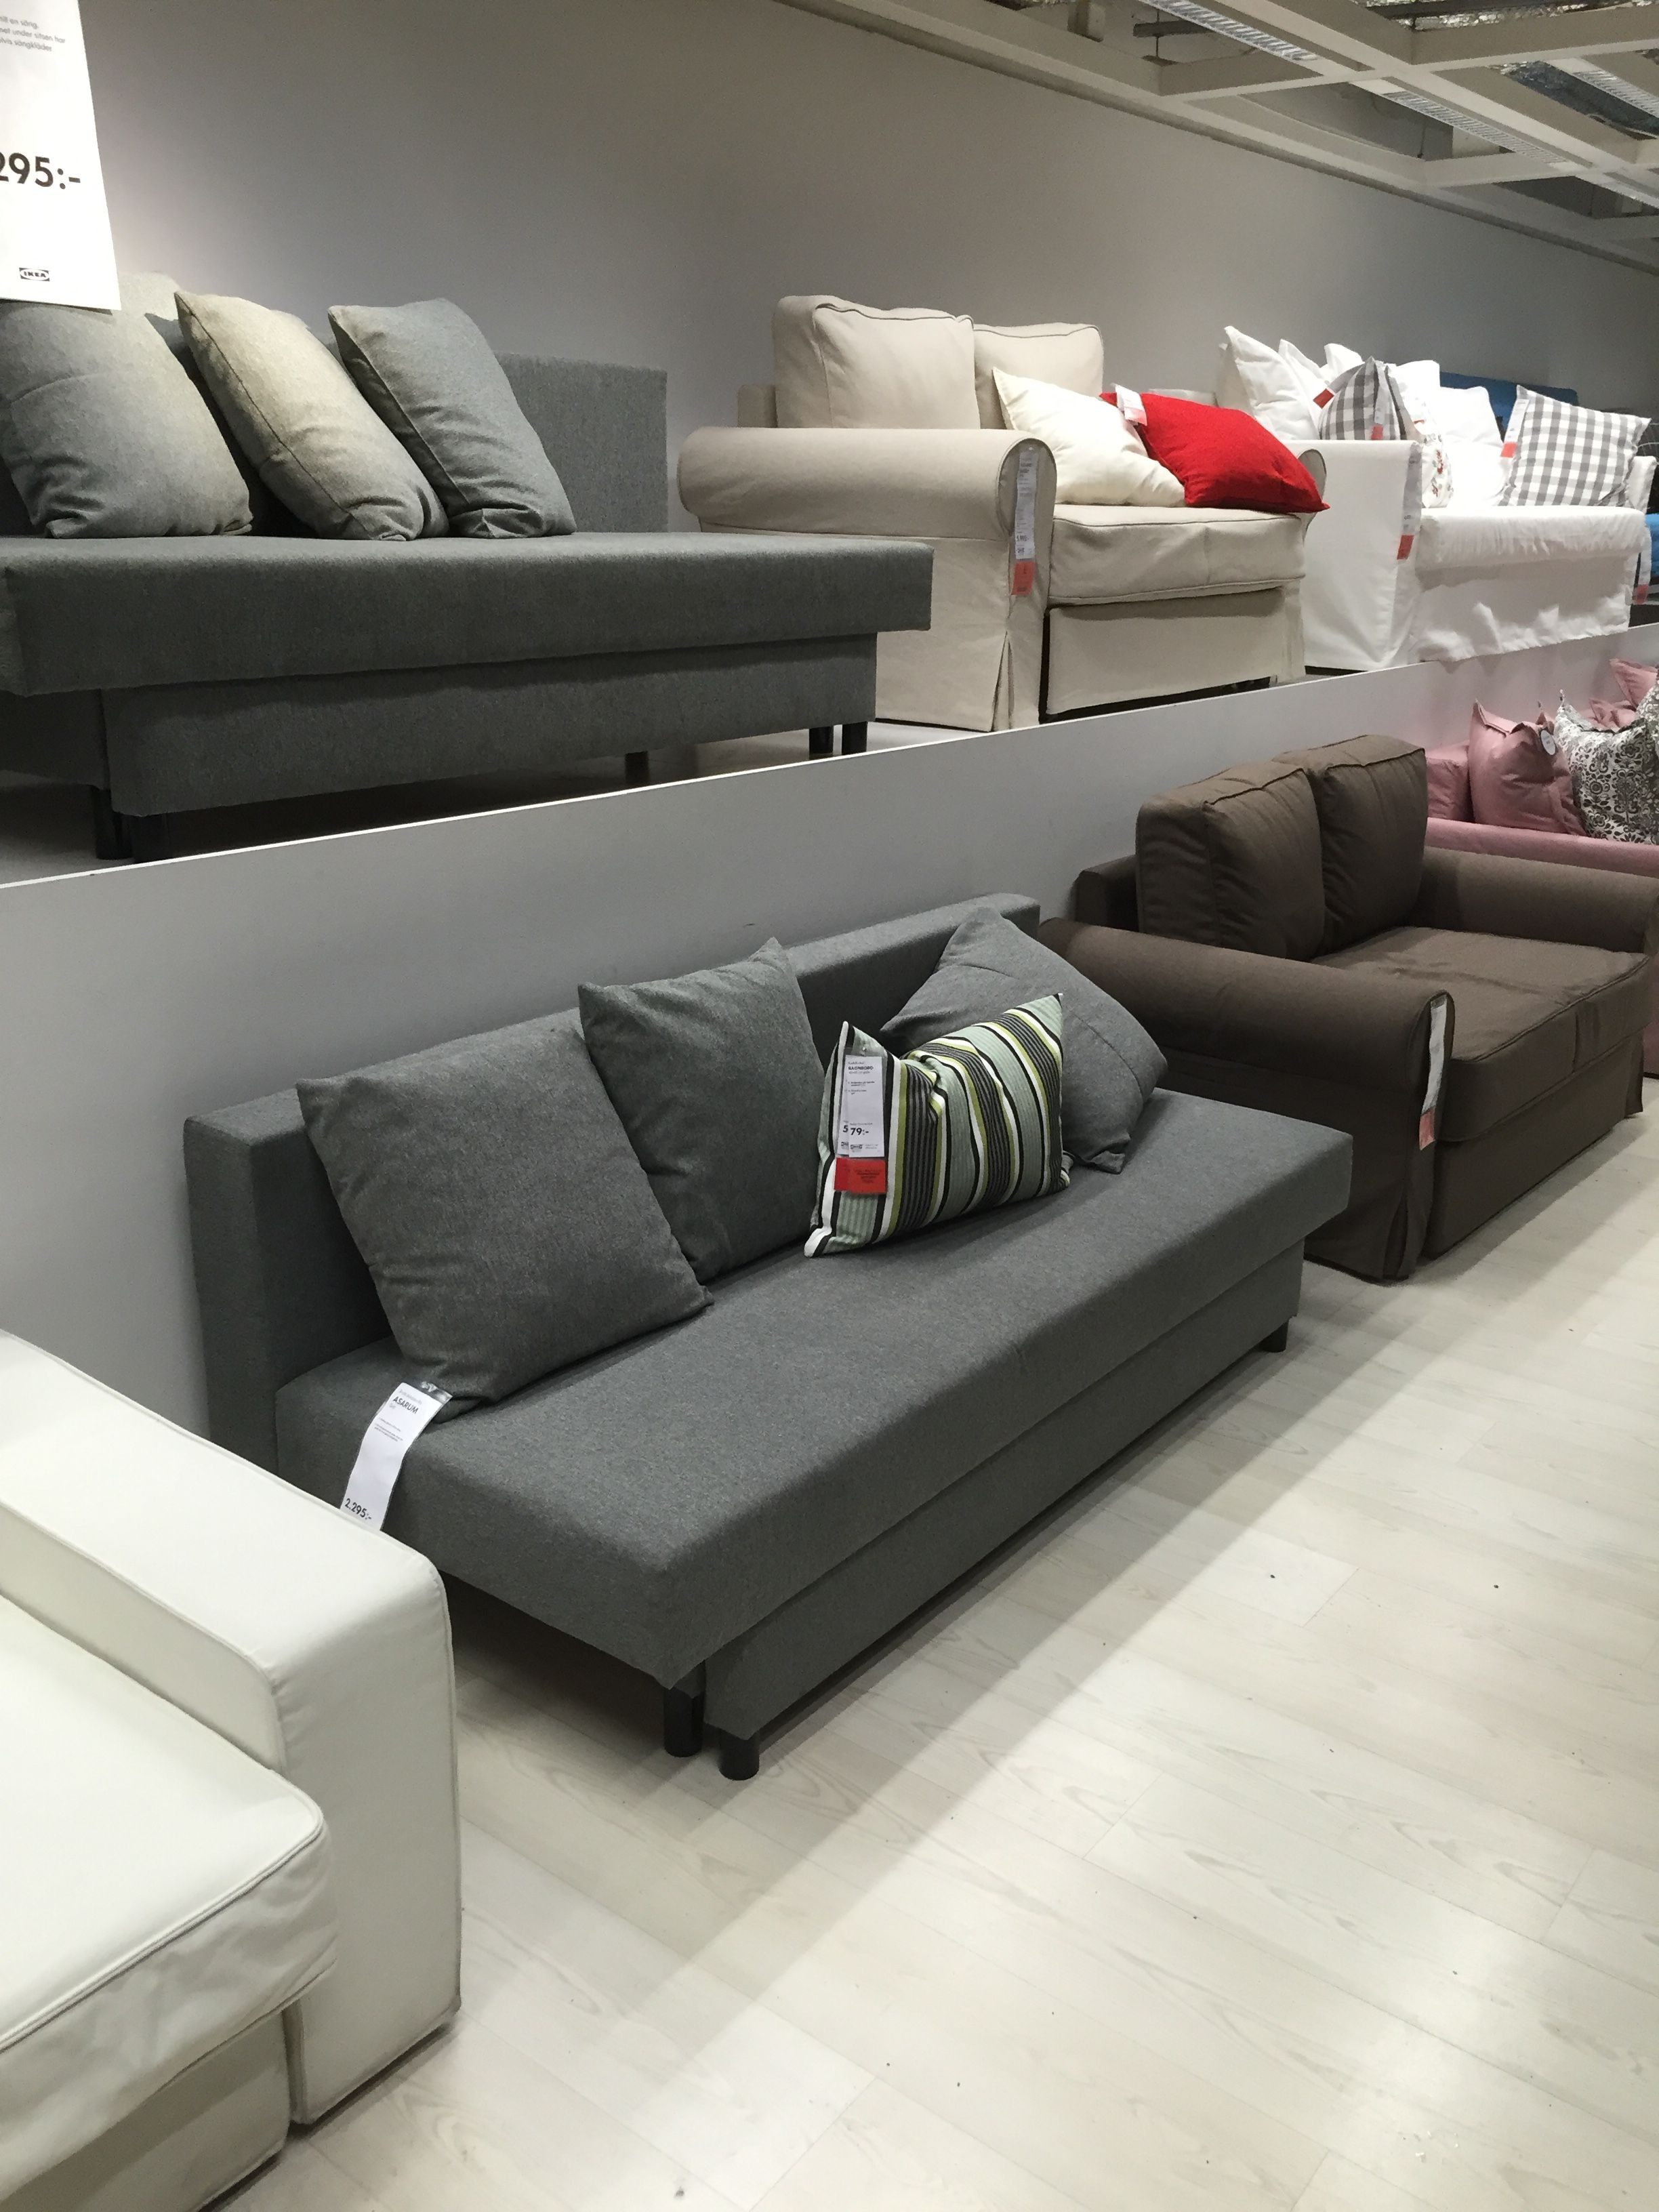 Bäddsoffa till Rum 3, Ikea Vår nya lya! Sofa, Furniture, Home decor